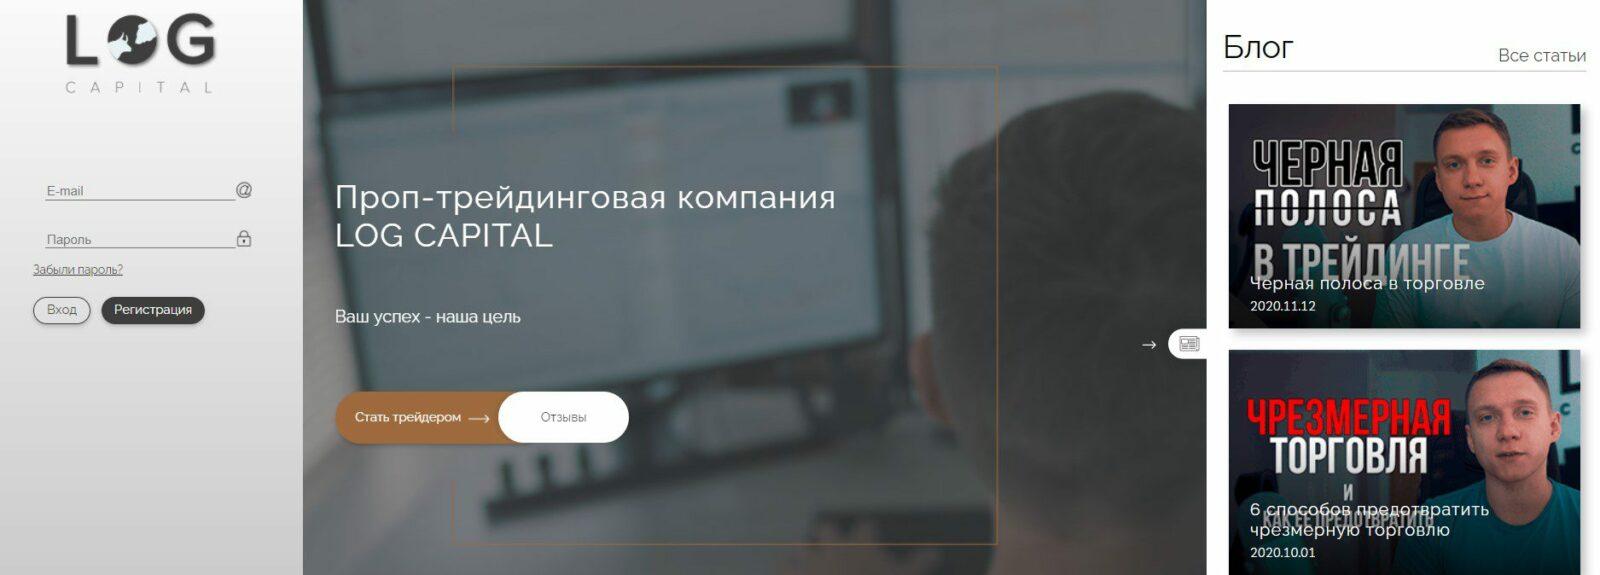 Log capital первью